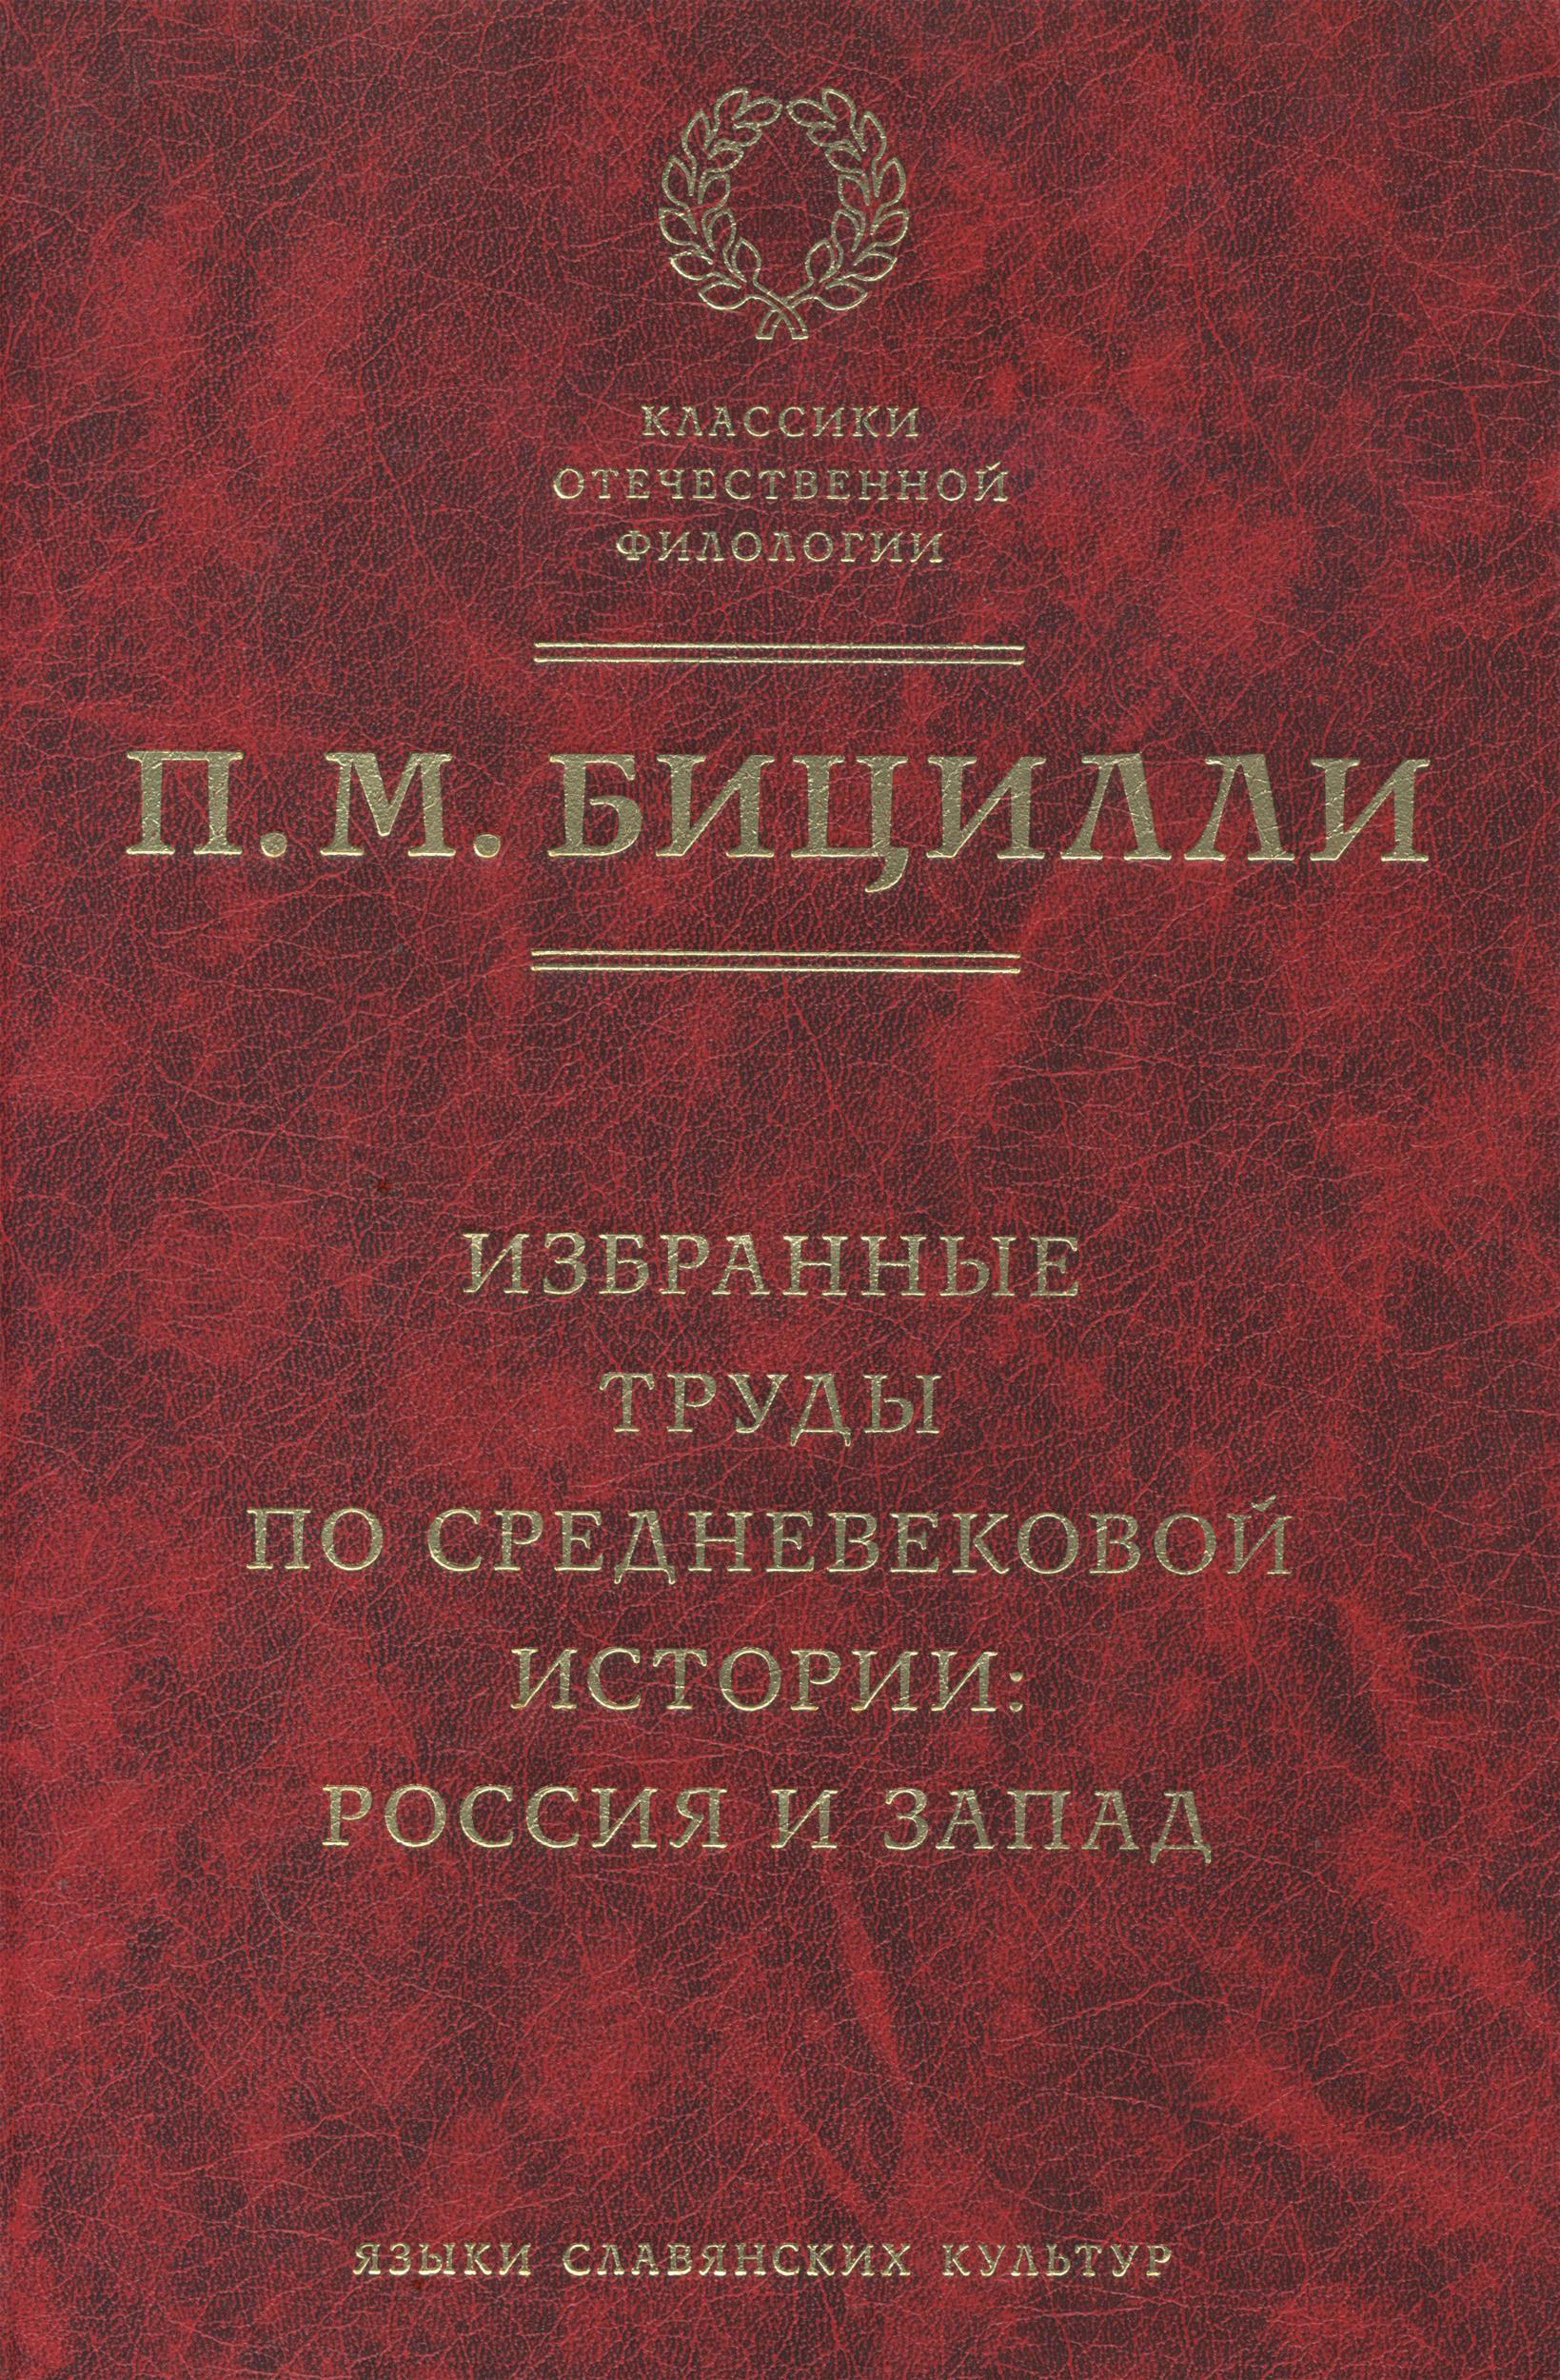 П. М. Бицилли Избранные труды по средневековой истории. Россия и Запад все цены